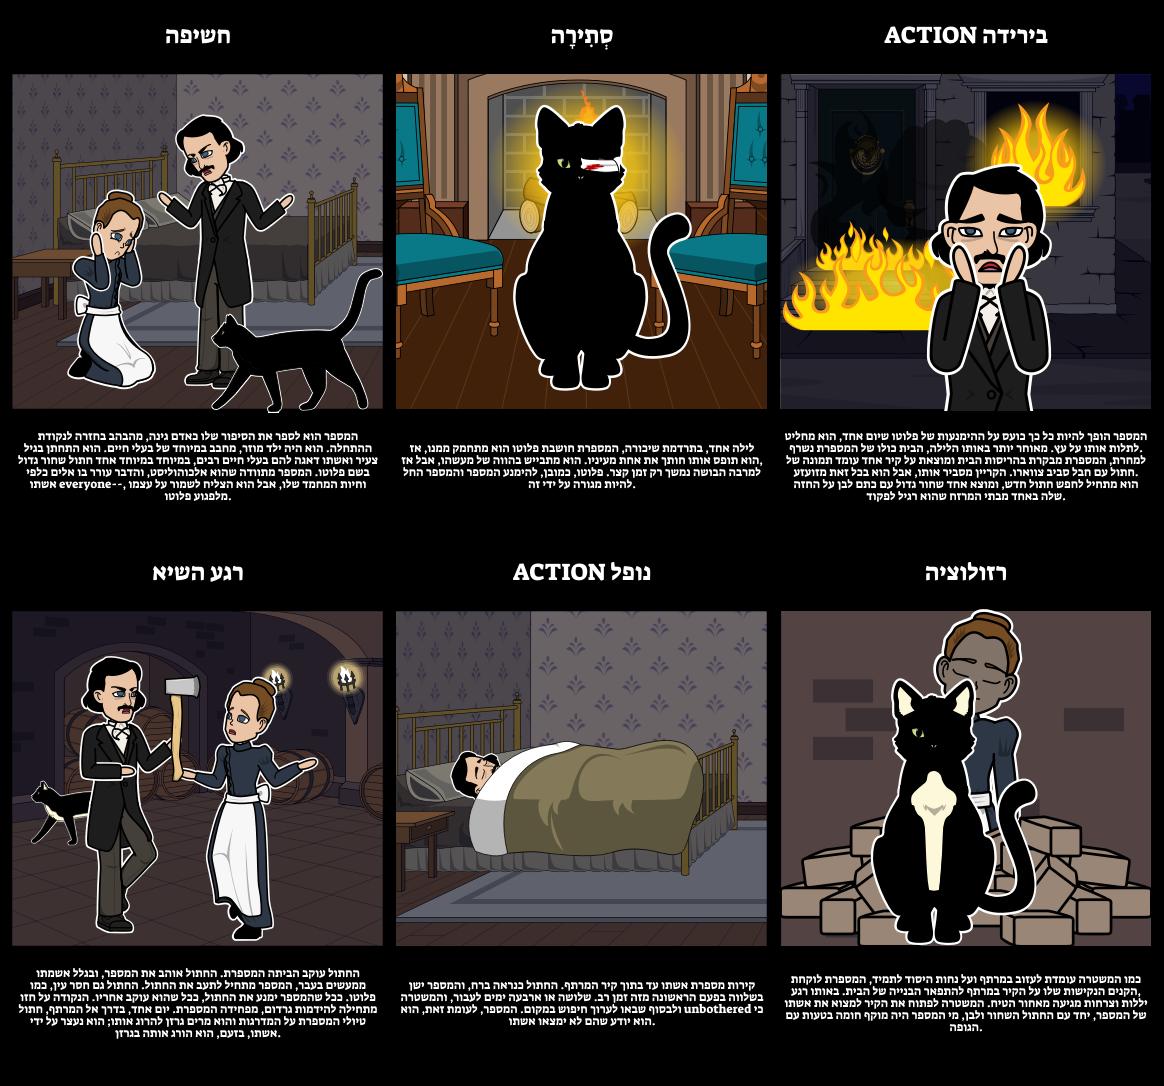 מגרש תרשים עבור החתול השחור